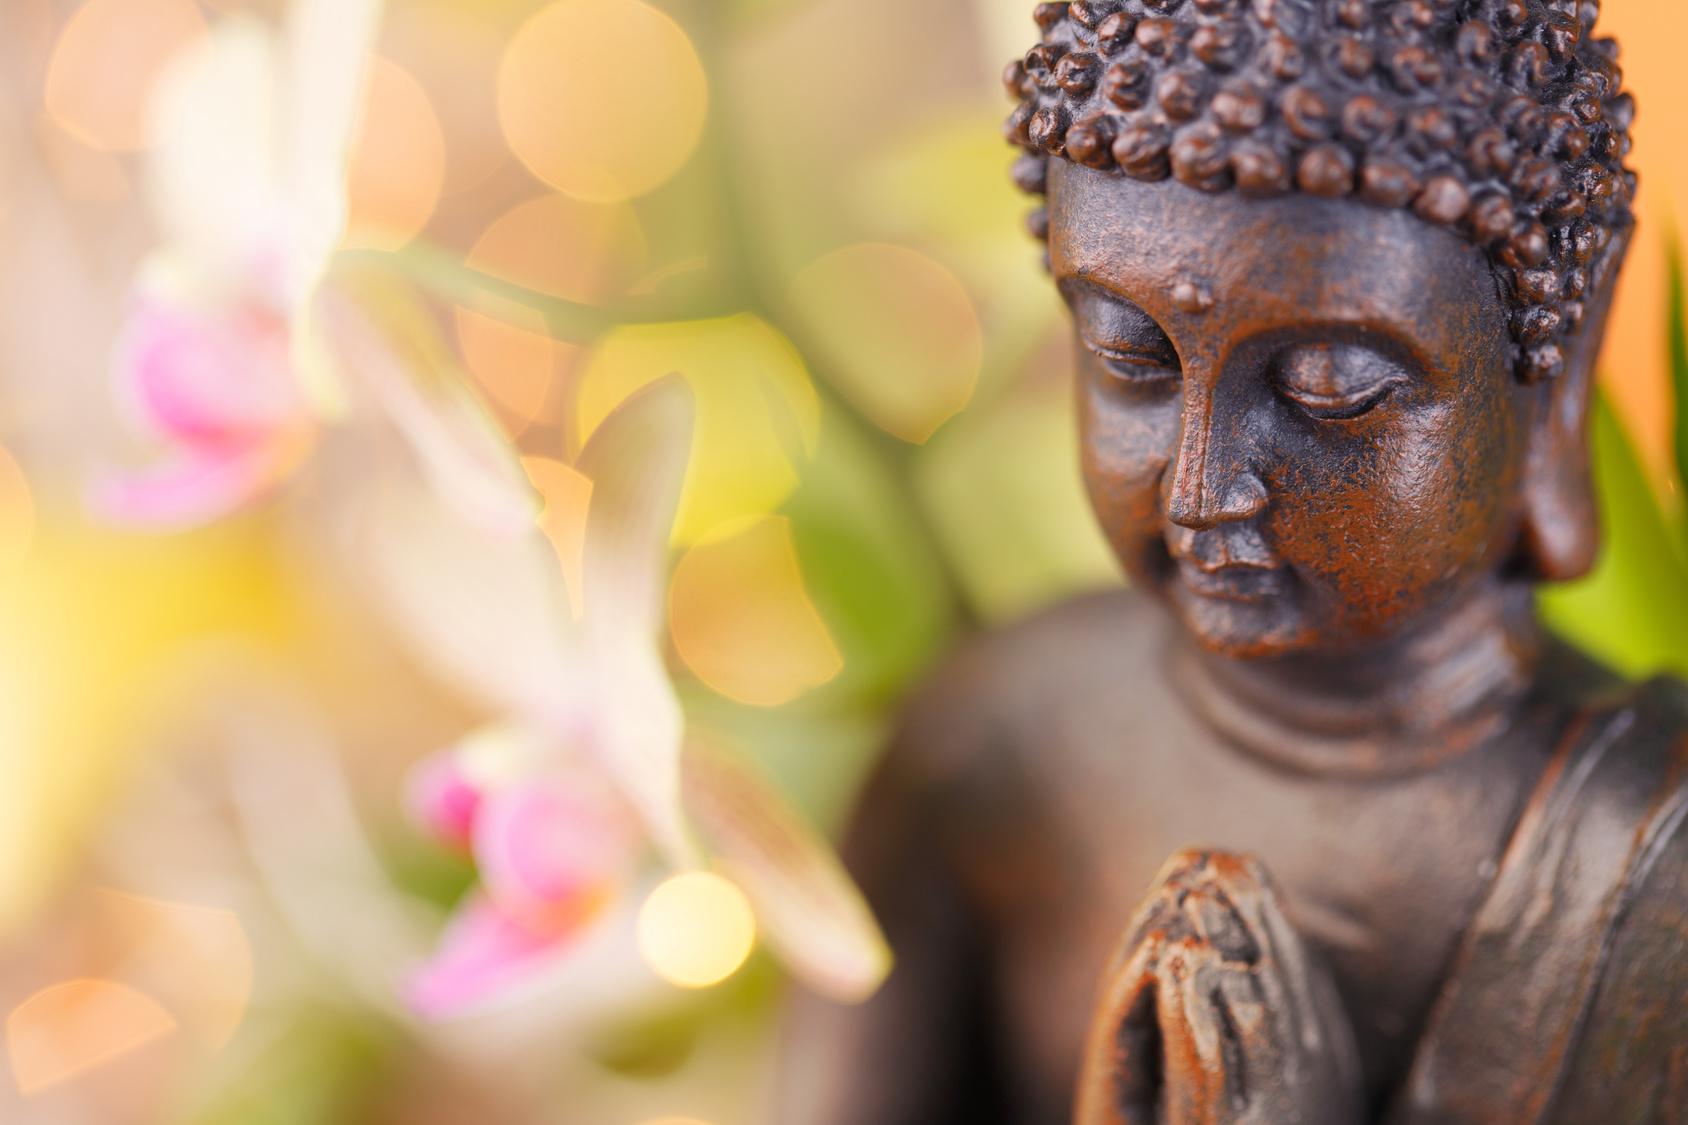 Shivarocks Gutschein – Mindfultime Gifts